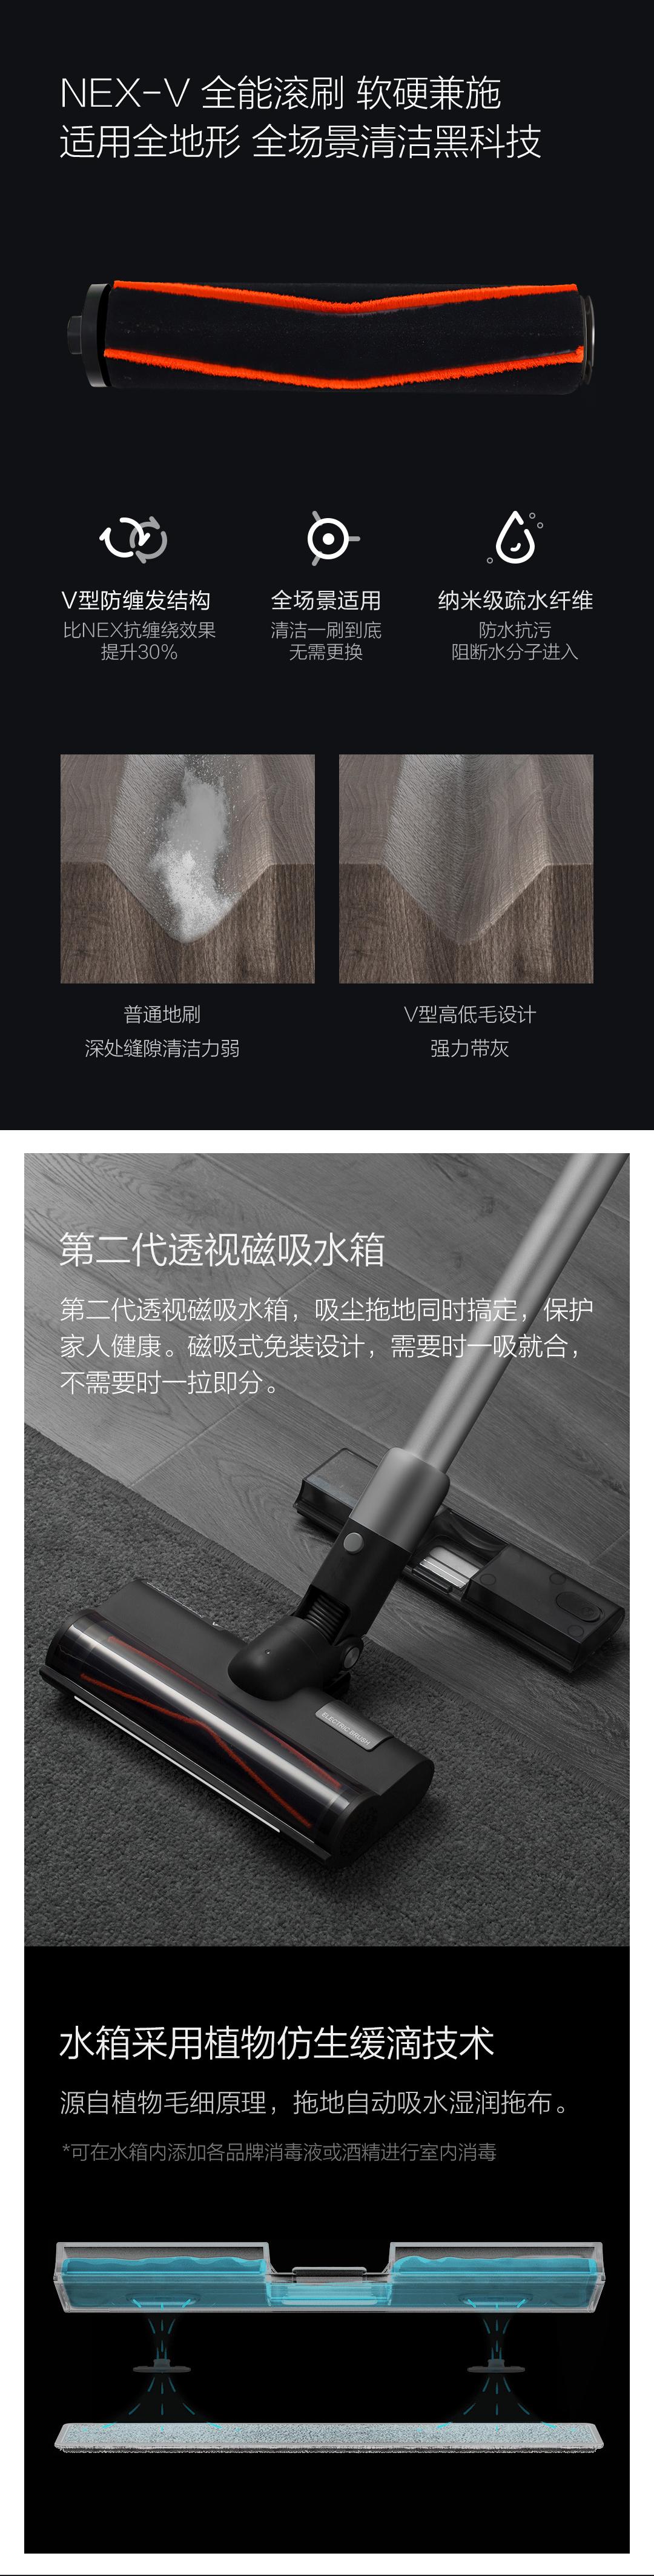 睿米无线吸尘器NEX 2 免费试用,评测